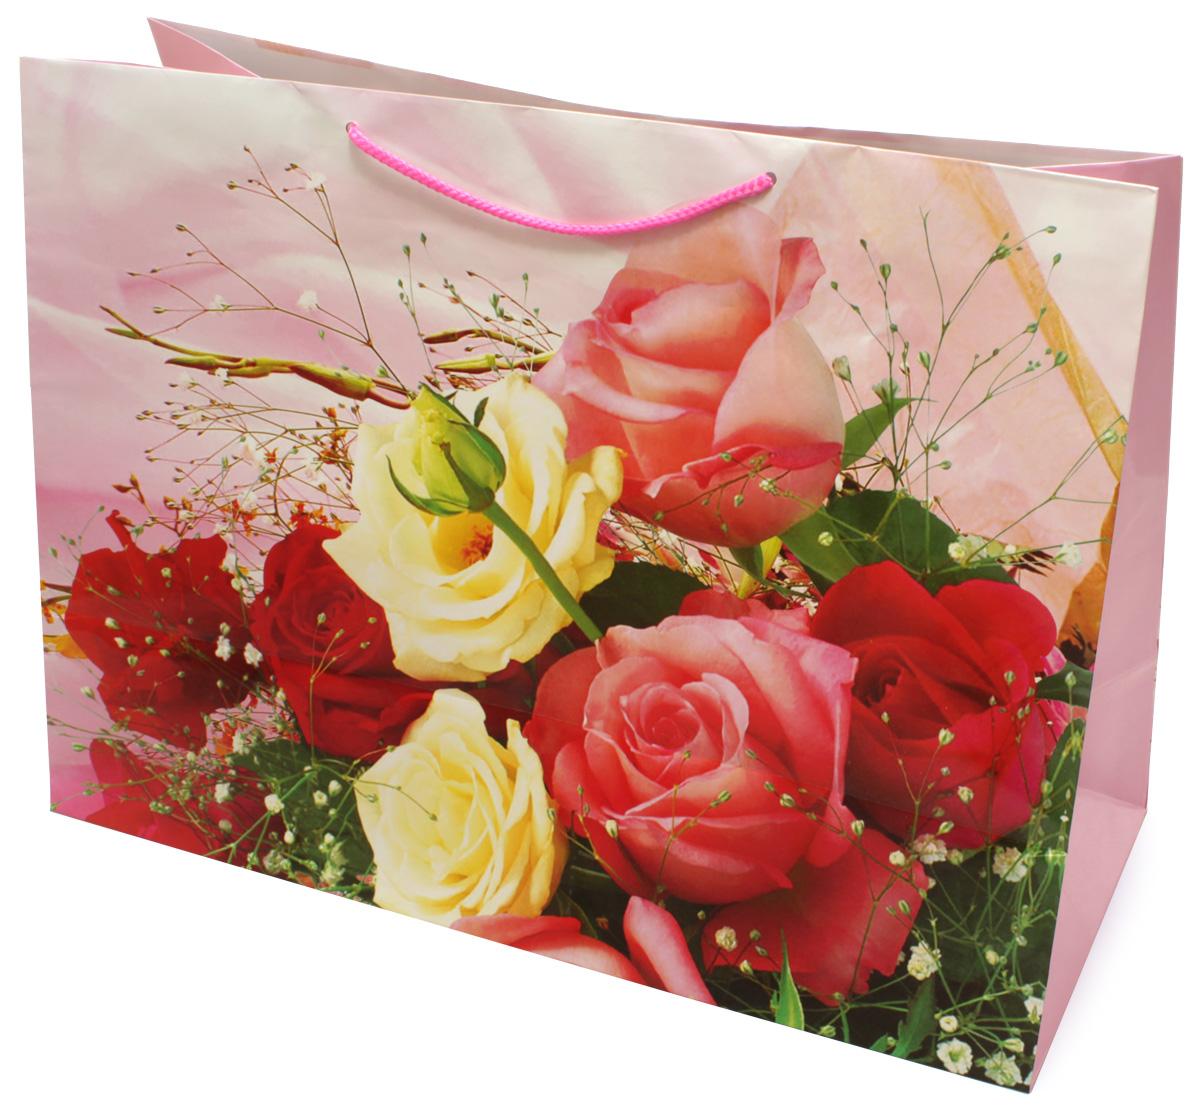 Пакет подарочный МегаМАГ Mix. Цветы, 56 х 41 х 24 см. 903/904 XXLH785 MLПодарочный пакет МегаМАГ, изготовленный из плотной ламинированной бумаги, станет незаменимым дополнением к выбранному подарку. Для удобной переноски на пакете имеются ручки-шнурки.Подарок, преподнесенный в оригинальной упаковке, всегда будет самым эффектным и запоминающимся. Окружите близких людей вниманием и заботой, вручив презент в нарядном, праздничном оформлении.